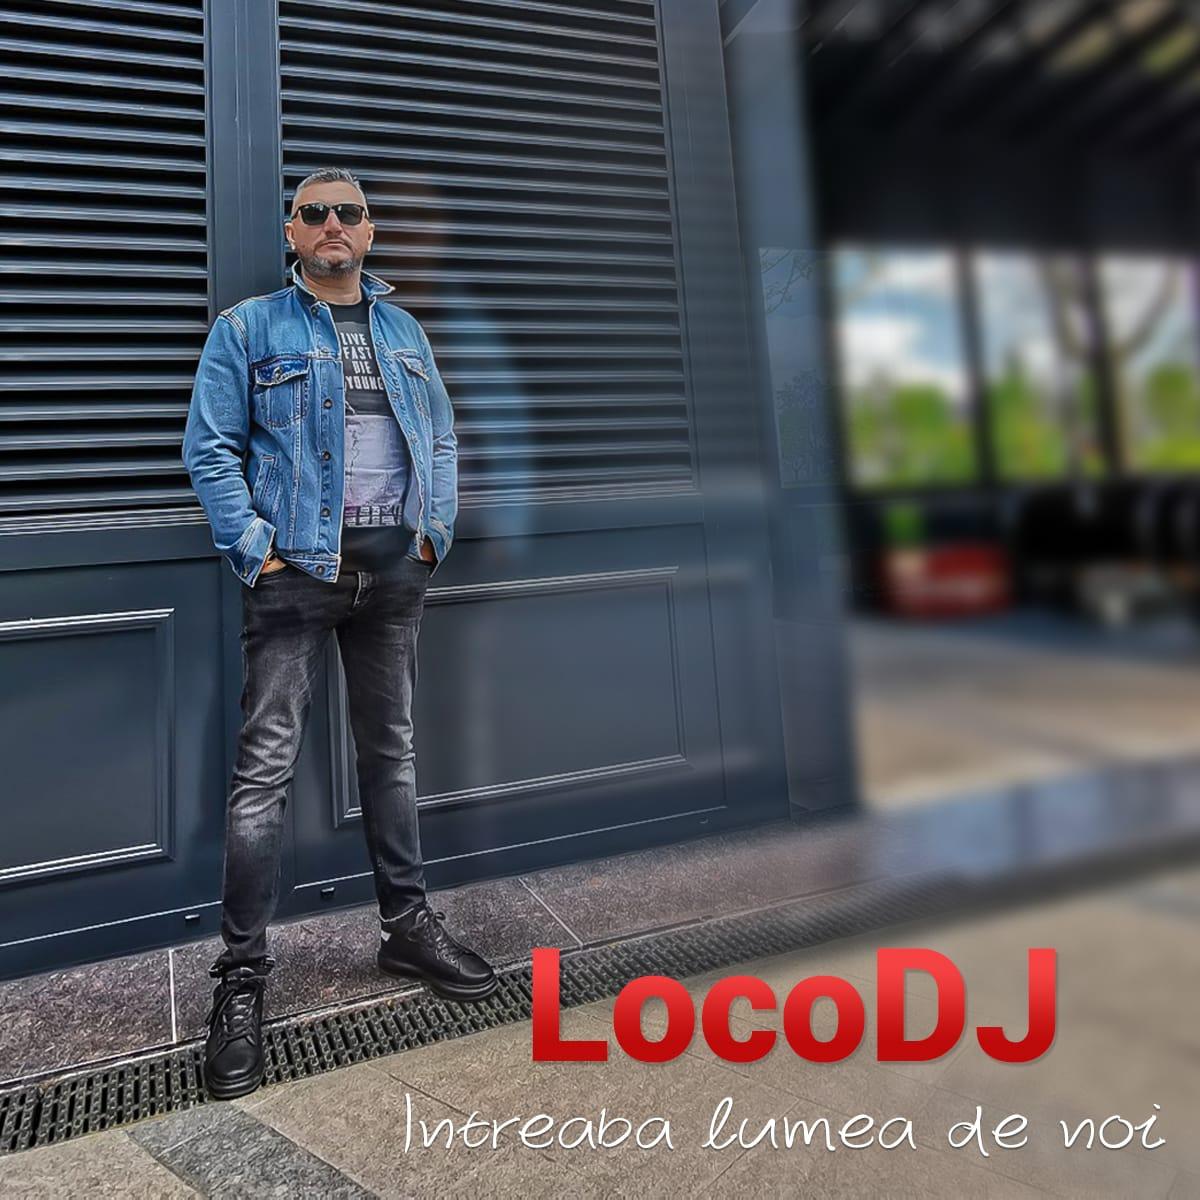 Întreabă lumea de noi, spune LOCODJ, alături de Emanuela Oancea!